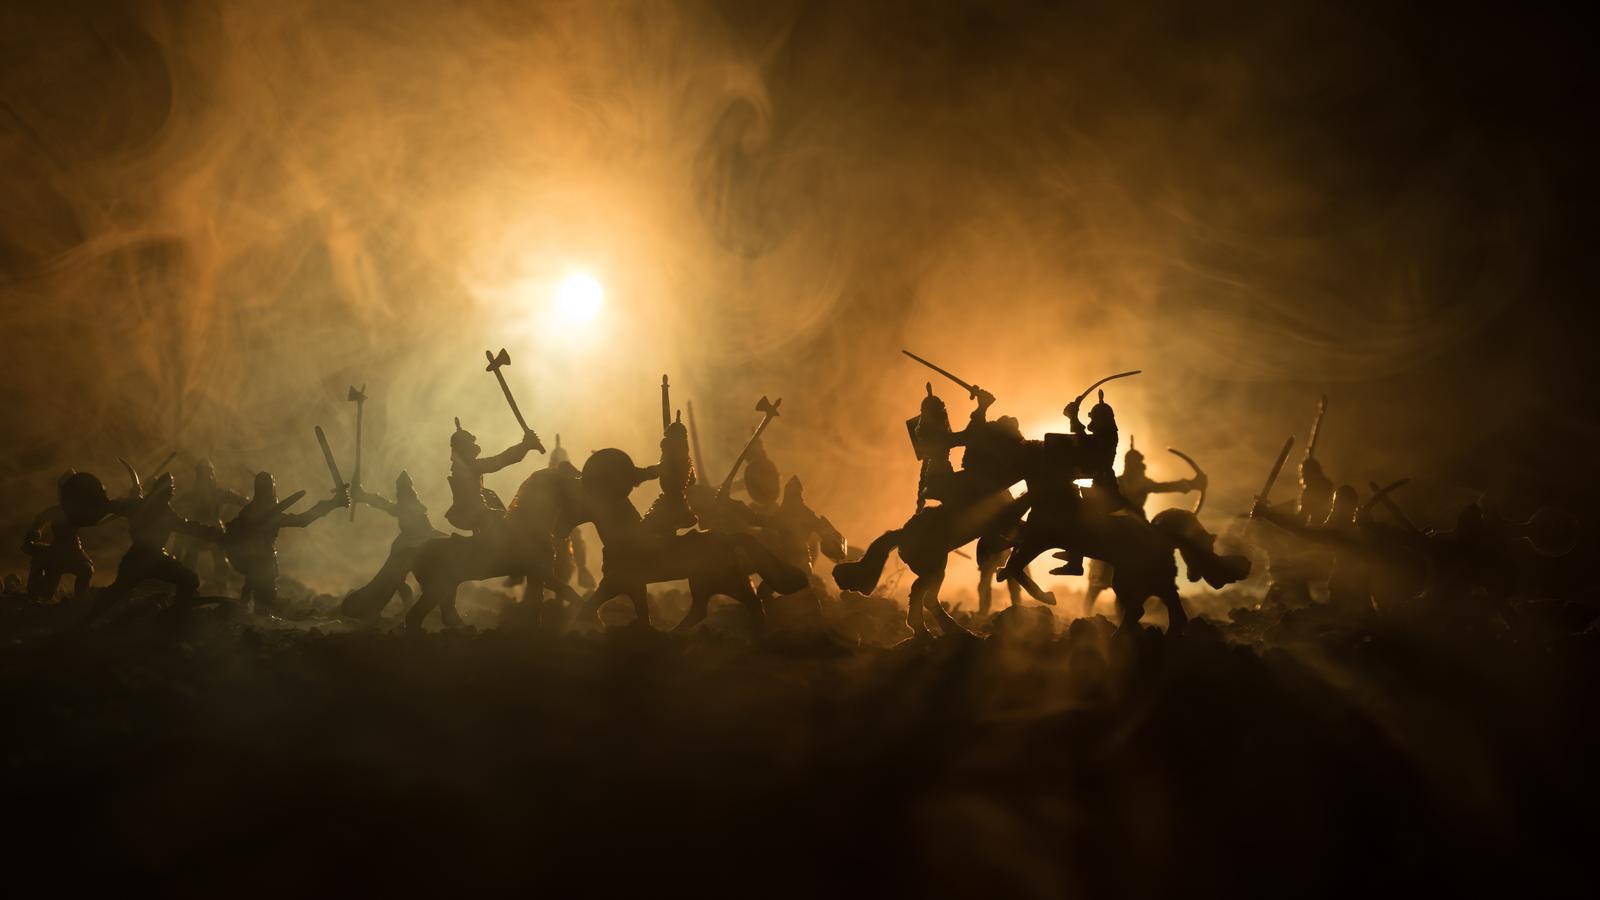 L'espiritualitat i la violència són antagònics?